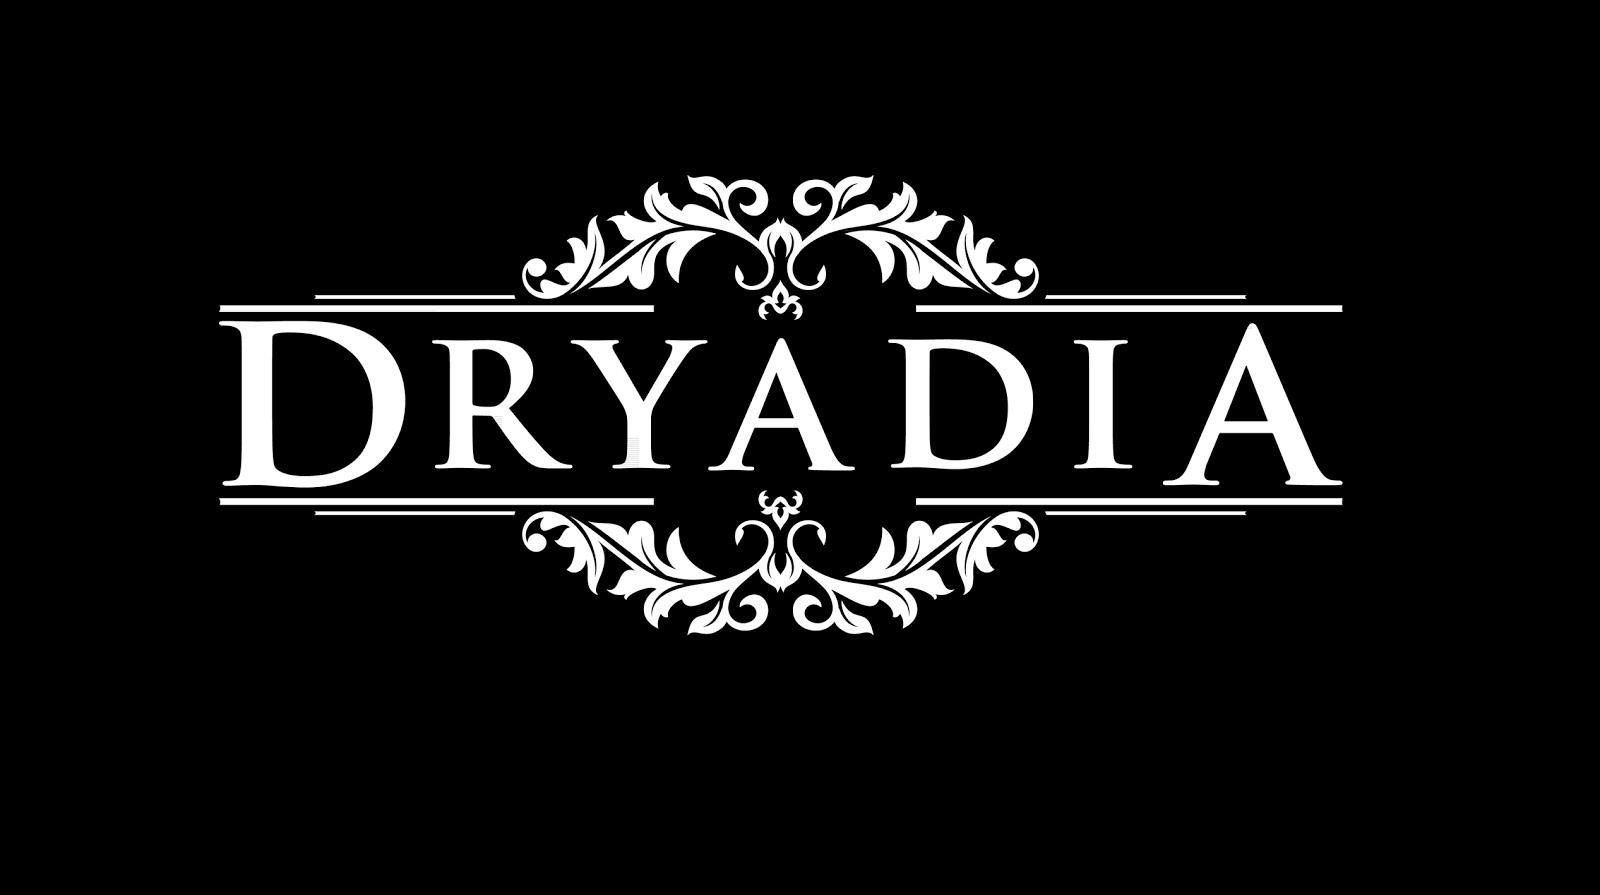 Dryadia